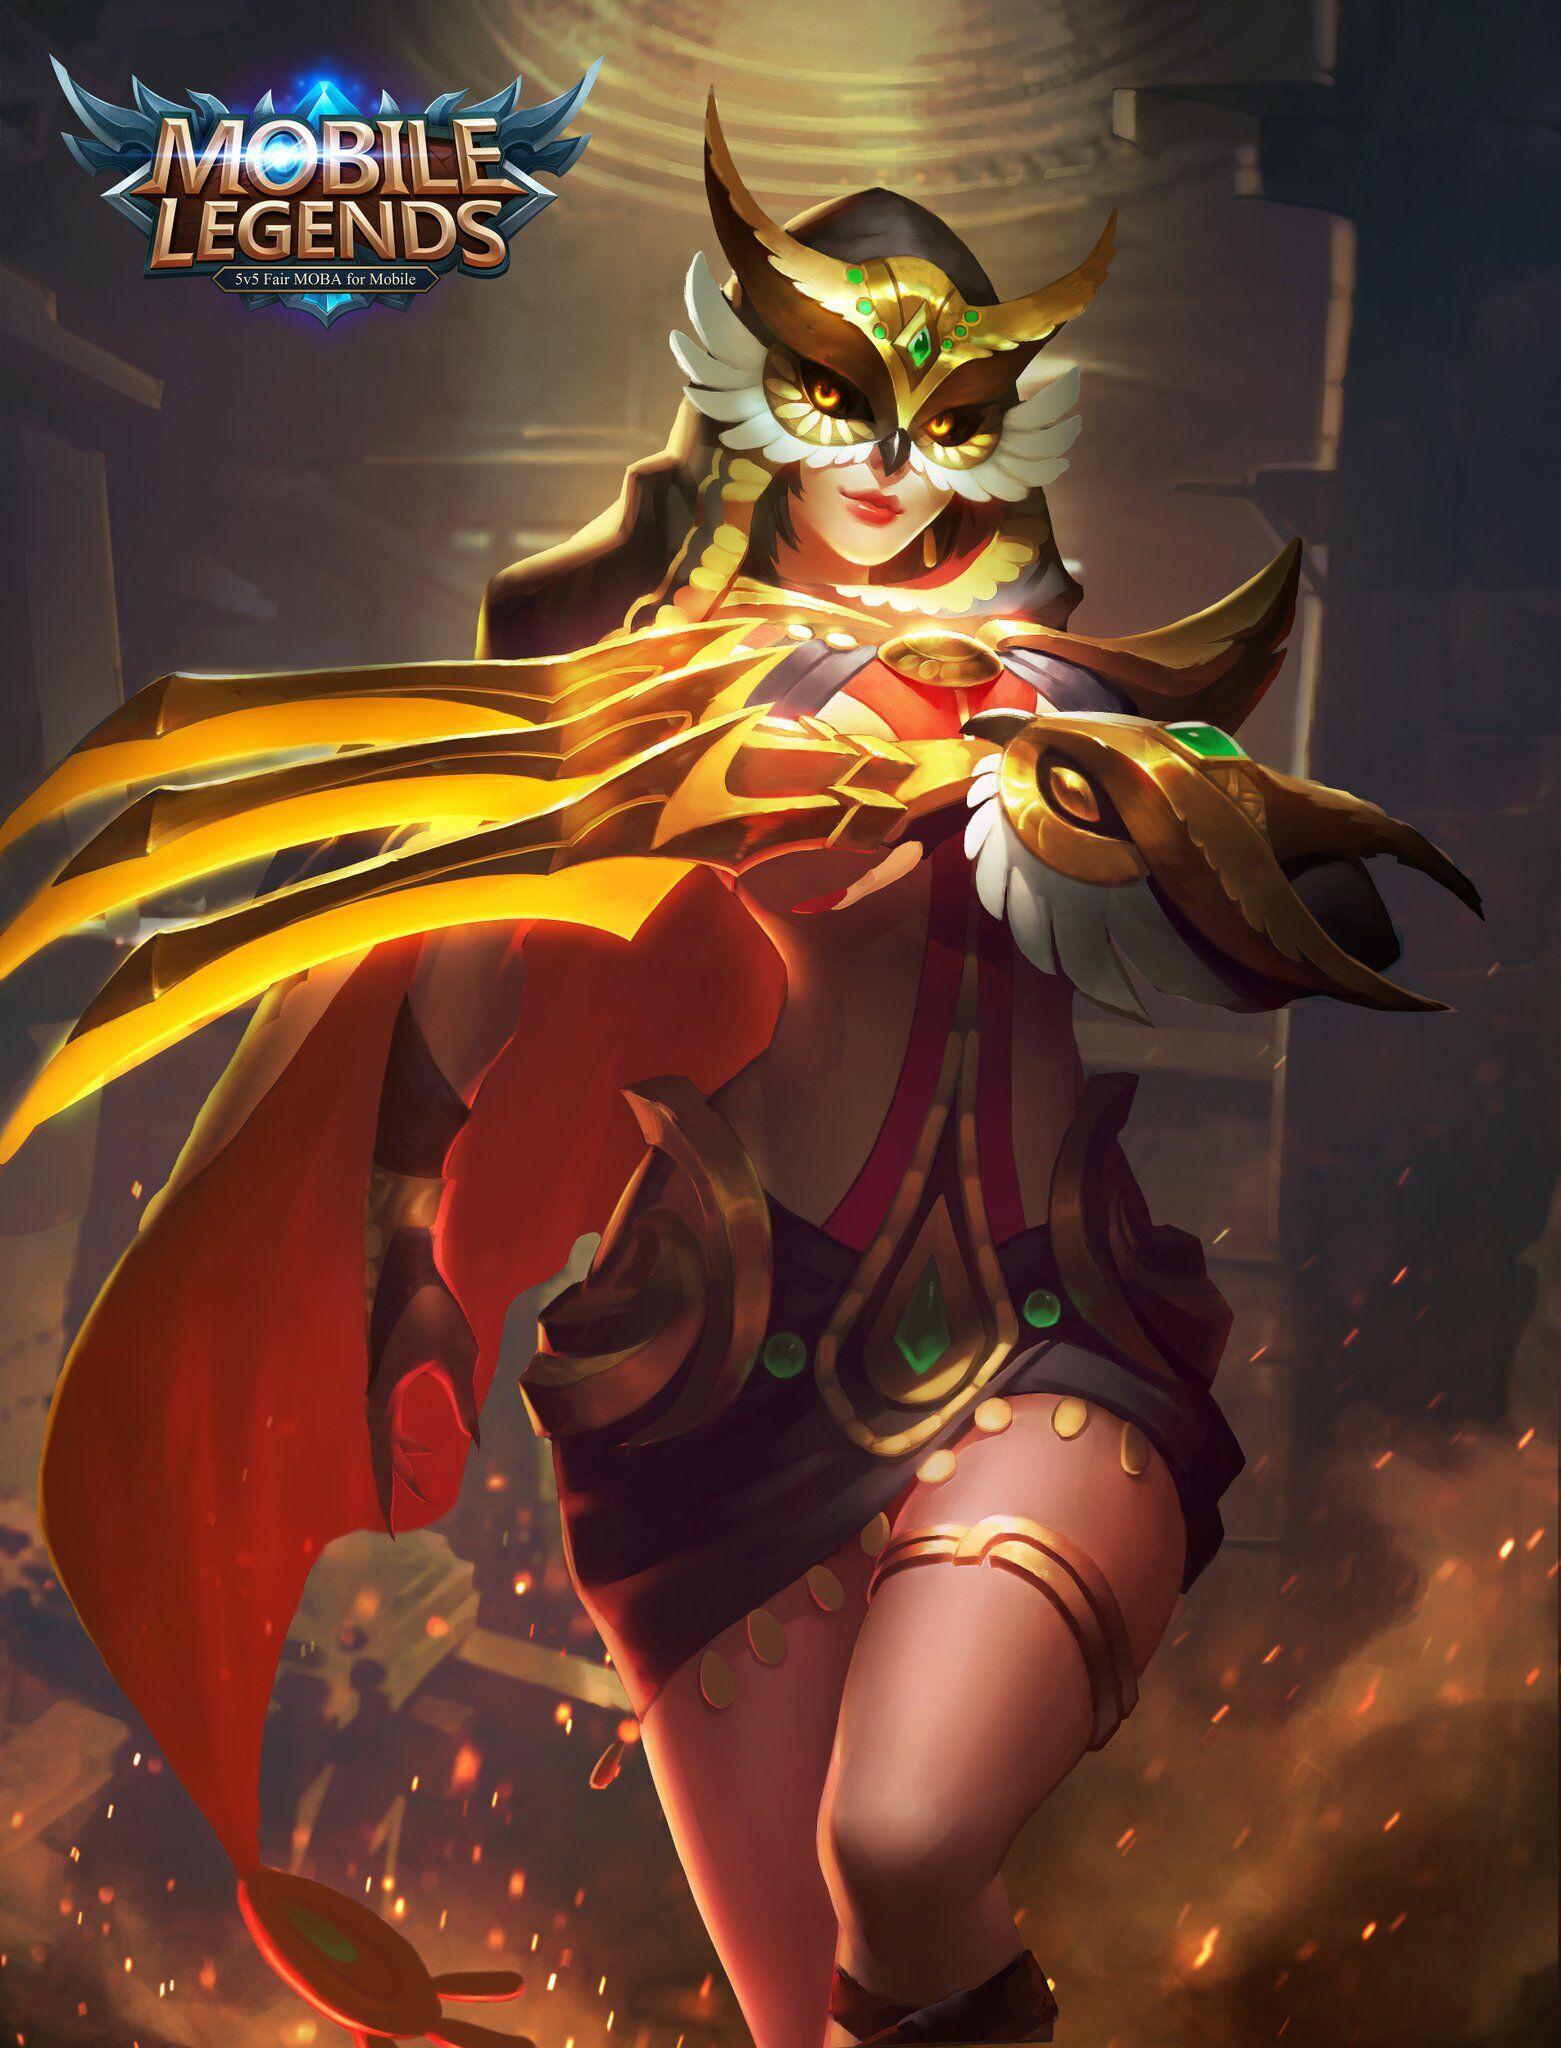 Wallpaper-Mobile-Legends-Freya-Valkrie